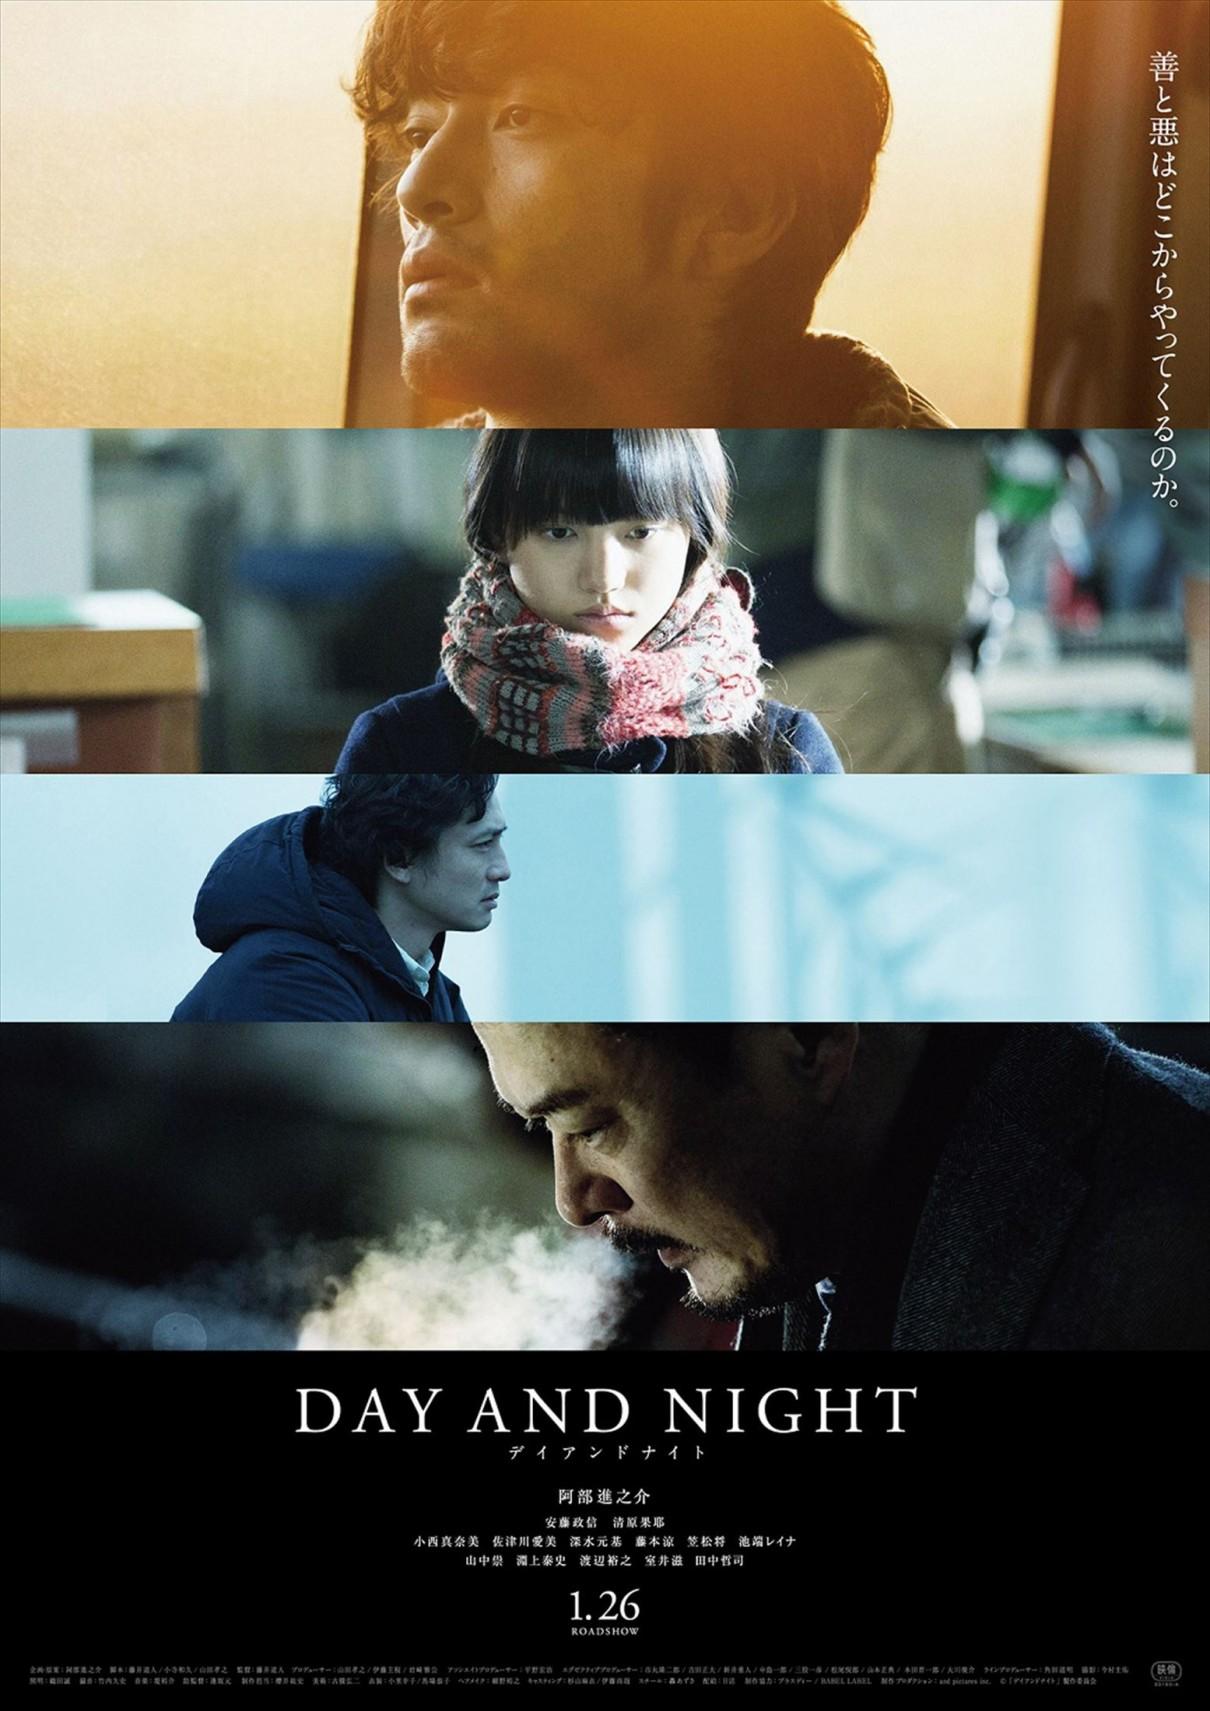 《日与夜》